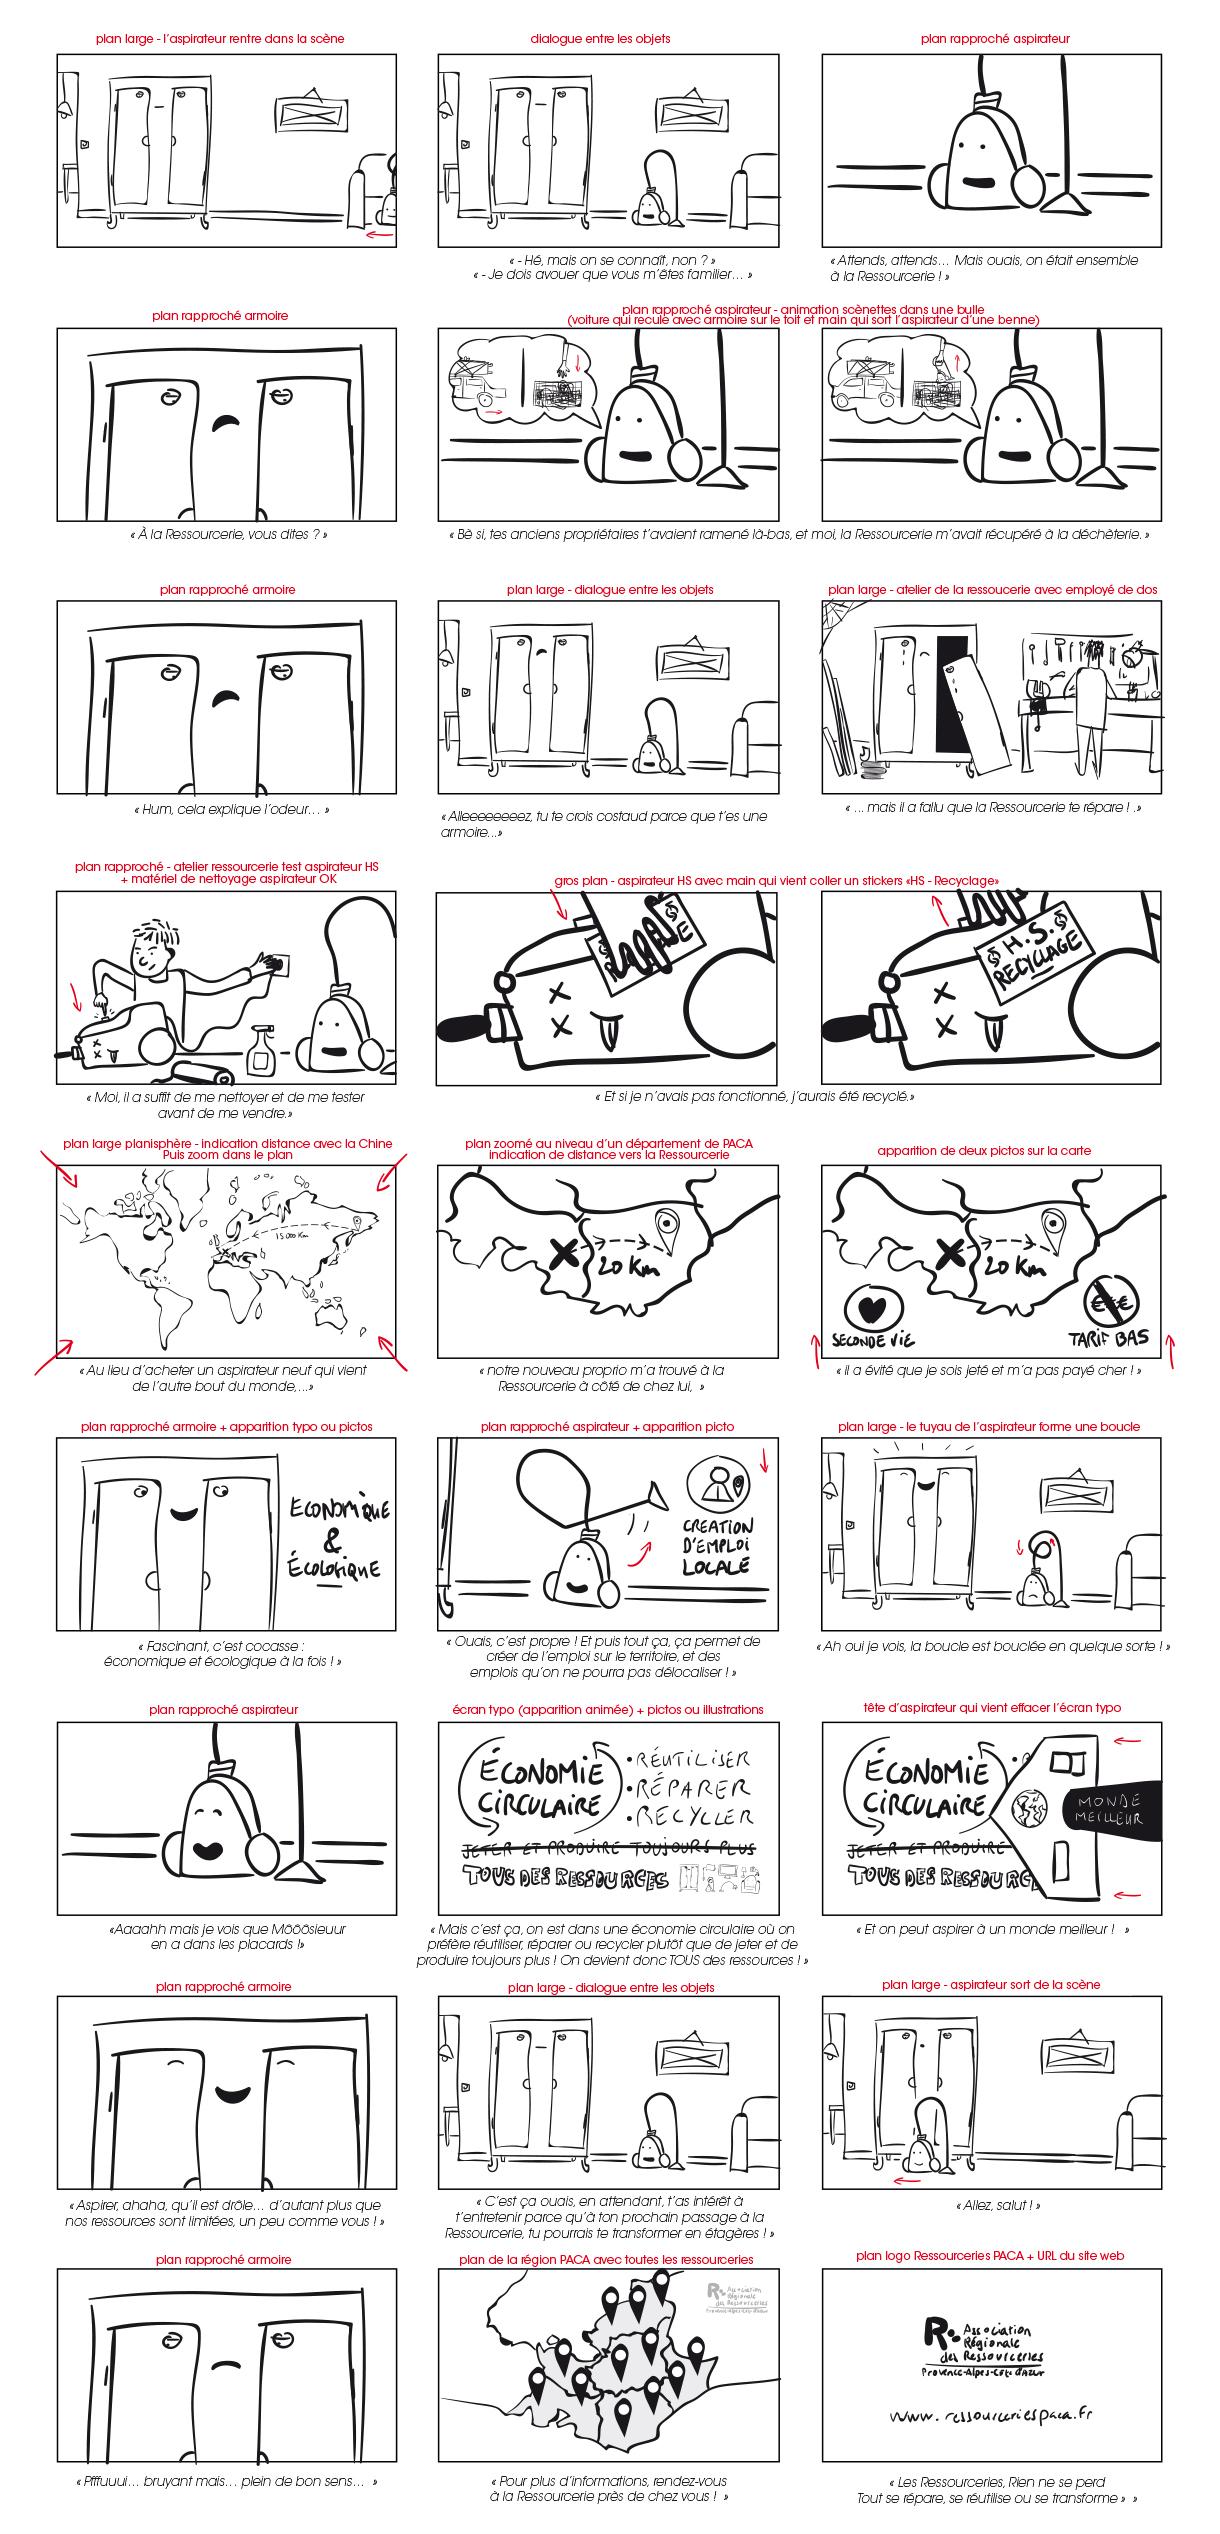 Le storyboard crayonné de la vidéo